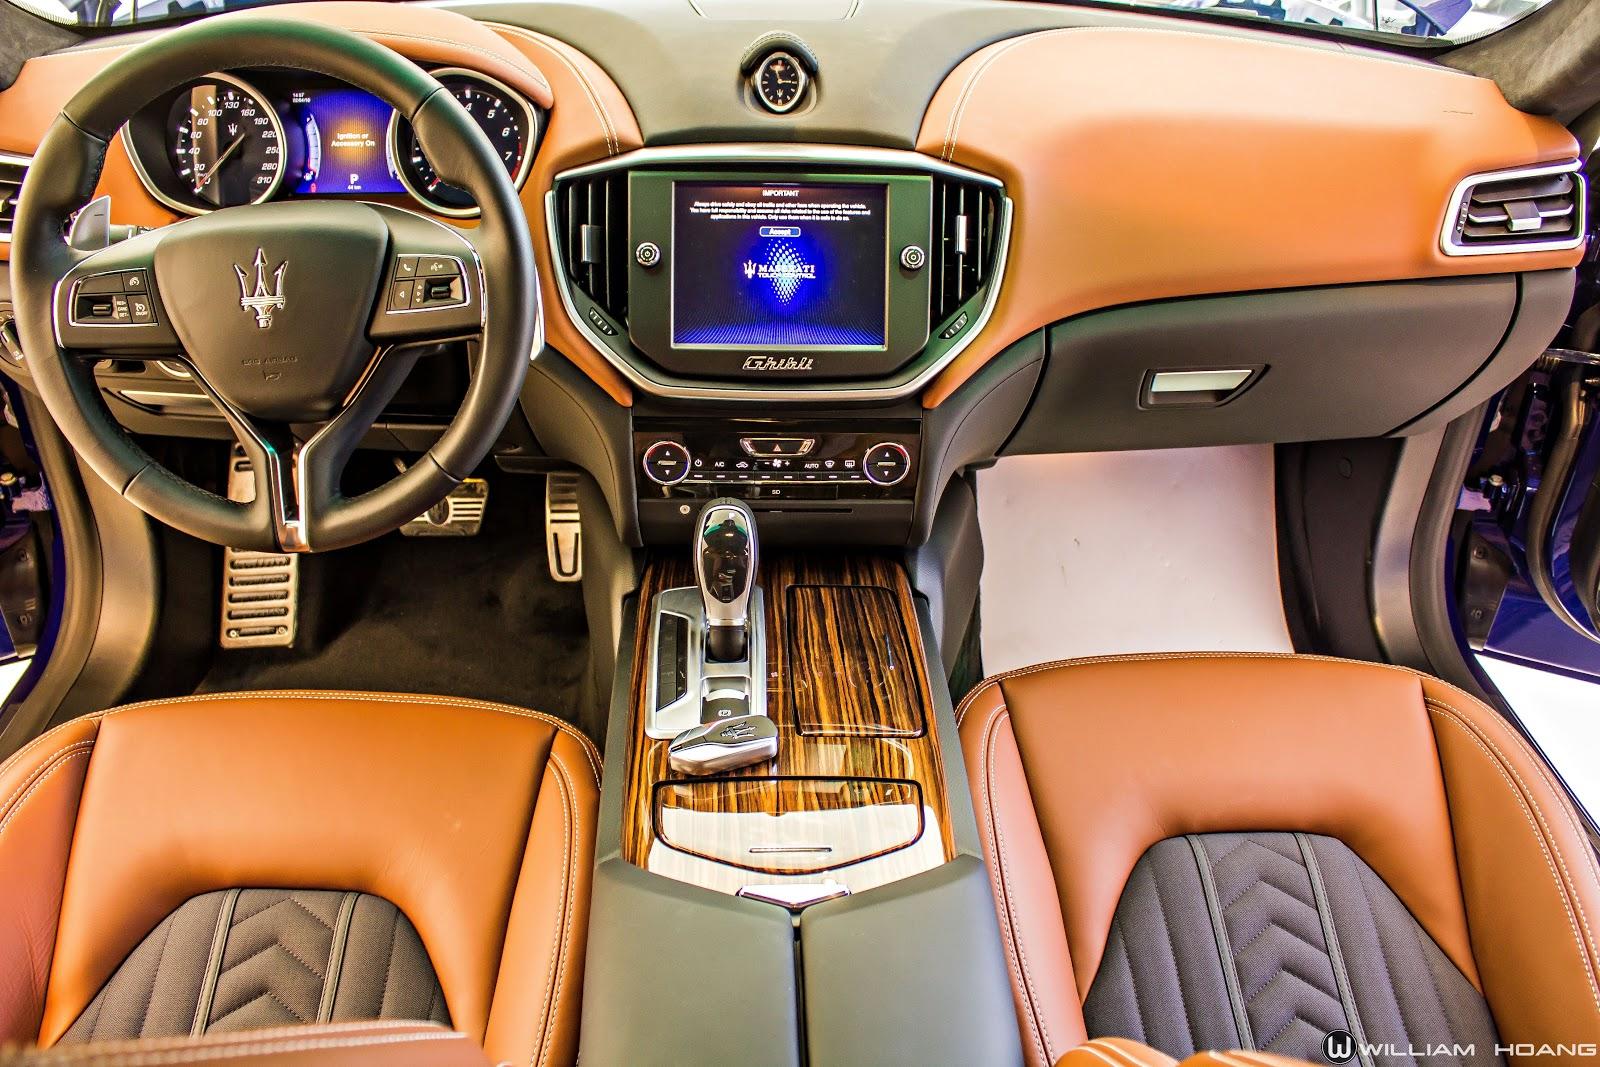 Nội thất của xe hoàn hảo, tinh tế, không có chi tiết rườm rà